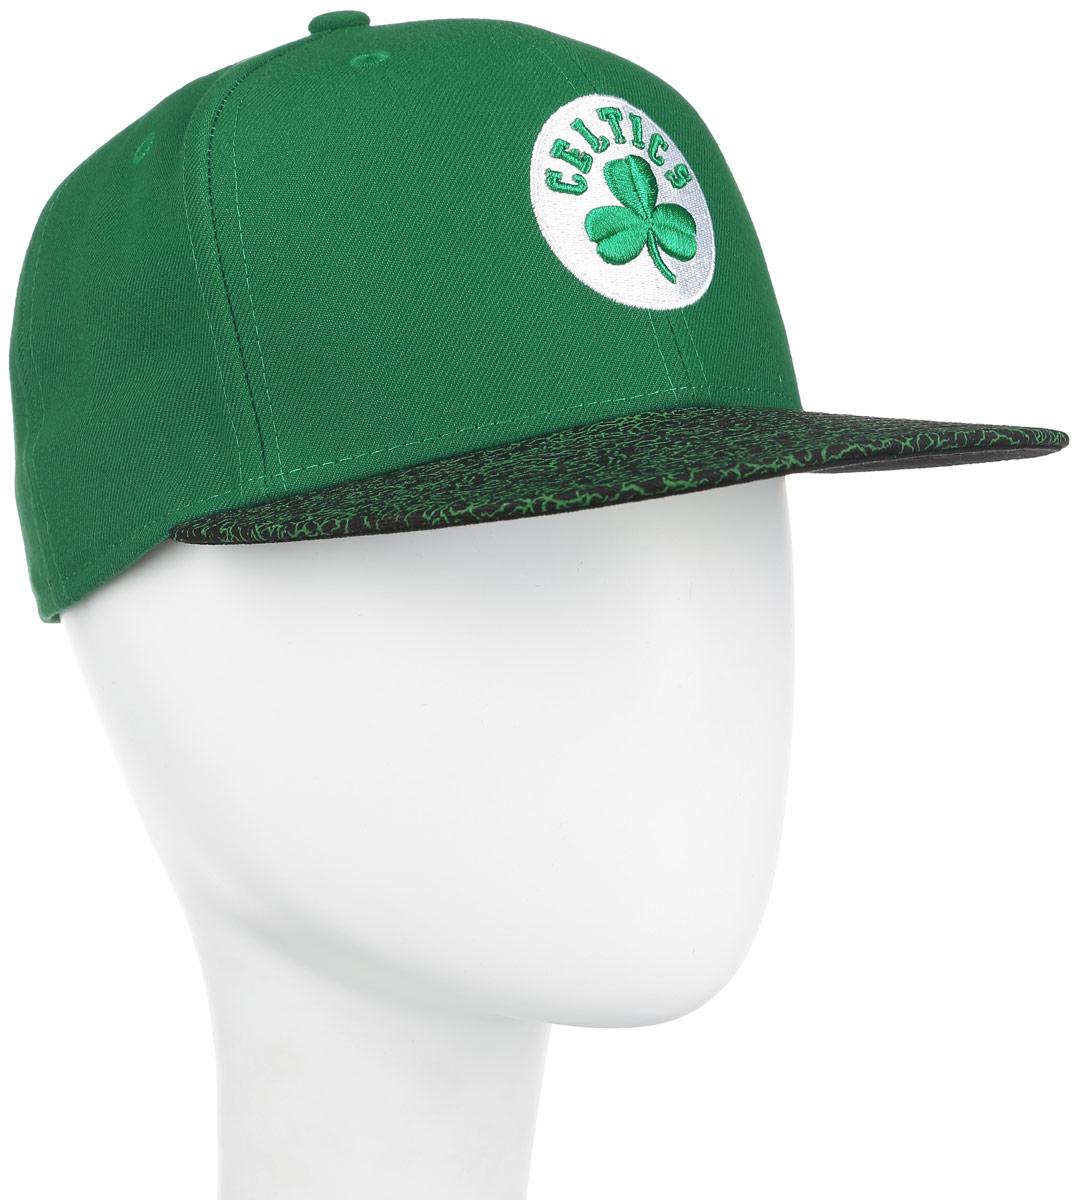 Бейсболка Boston Celtics. 11210298-TEAM11210298-TEAMСтильная бейсболка New Era Boston Celtics, выполненная из высококачественных материалов, идеально подойдет для прогулок, занятий спортом и отдыха. Изделие оформлено объемным вышитым логотипом знаменитой бейсбольной команды и логотипом производителя. Ничто не говорит о настоящем любителе путешествий больше, чем любимая кепка. Эта модель станет отличным аксессуаром и дополнит ваш повседневный образ.